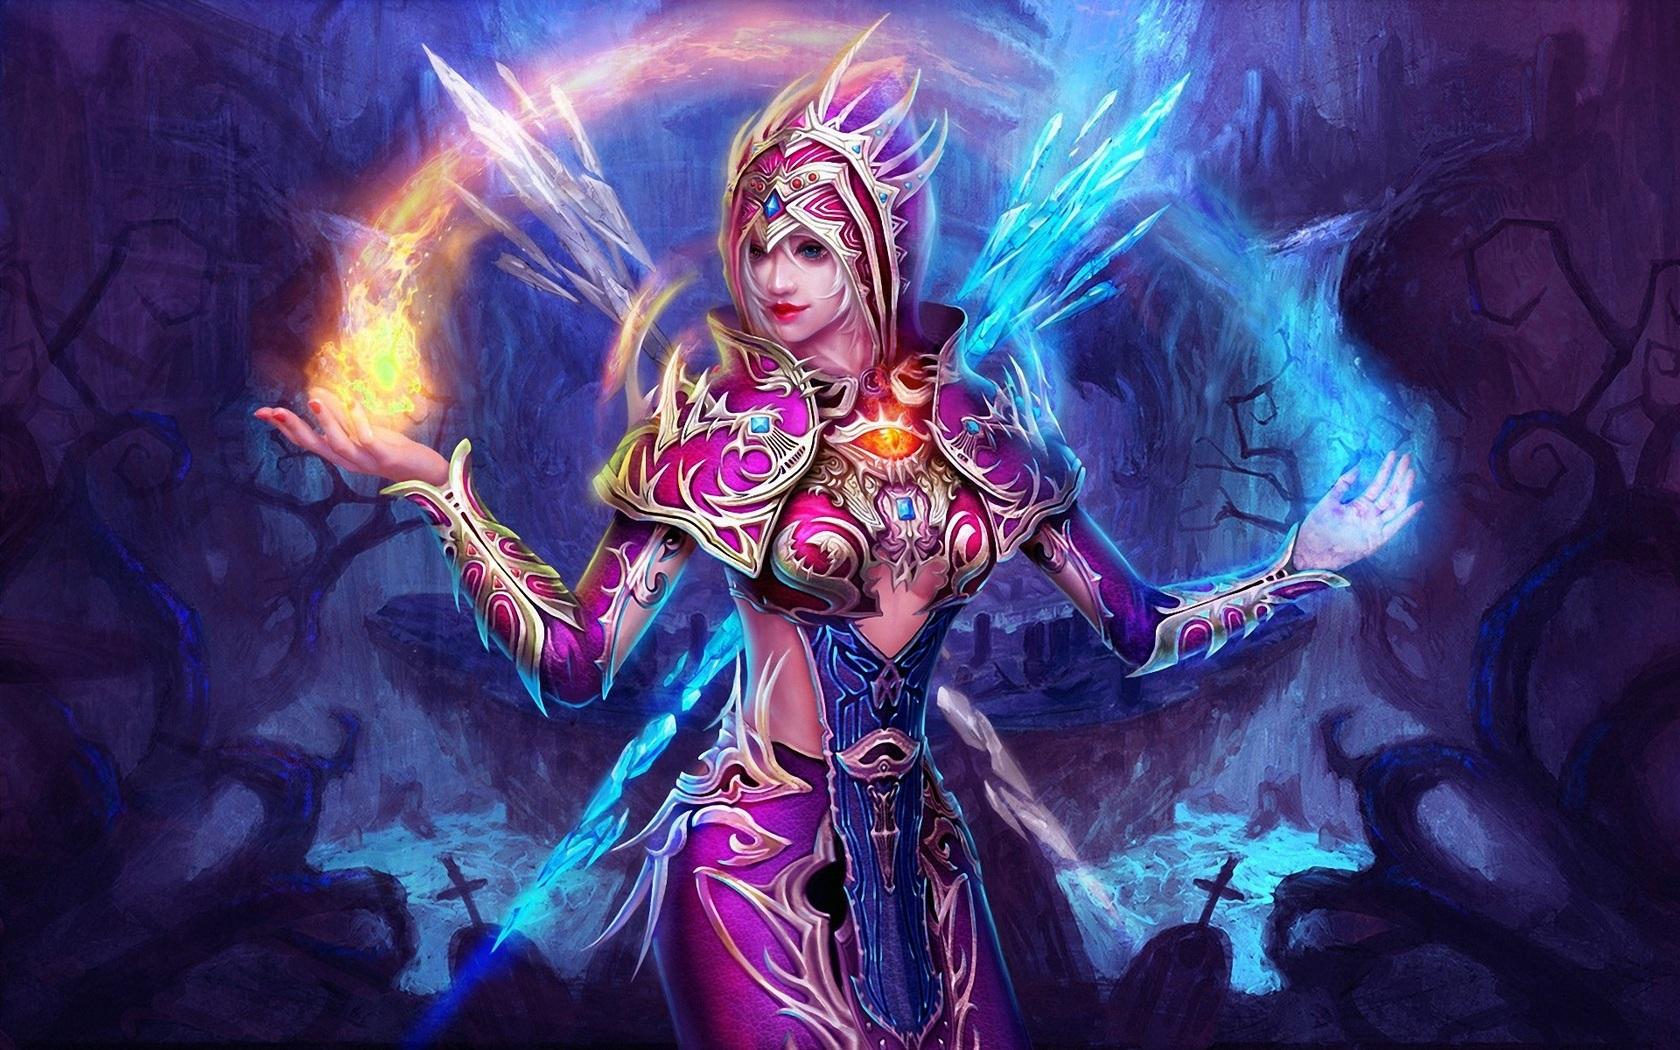 fantasy girl violet la magie de glace et le feu fonds d u0026 39 u00e9cran